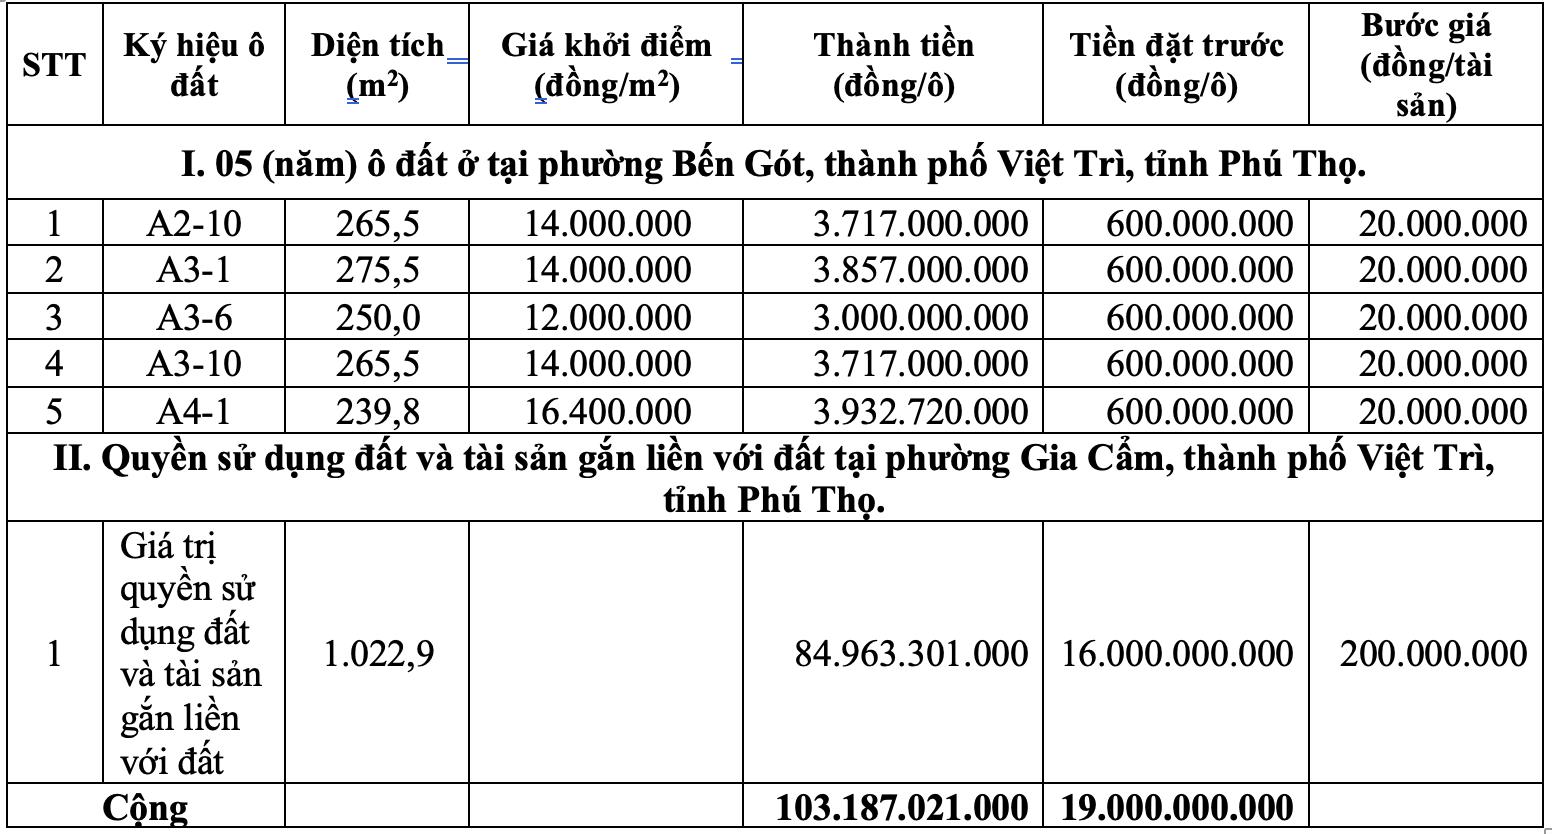 Đấu giá 6 ô đất tại TP Việt Trì, tỉnh Phú Thọ, tổng giá khởi điểm hơn 100 tỷ đồng - Ảnh 1.